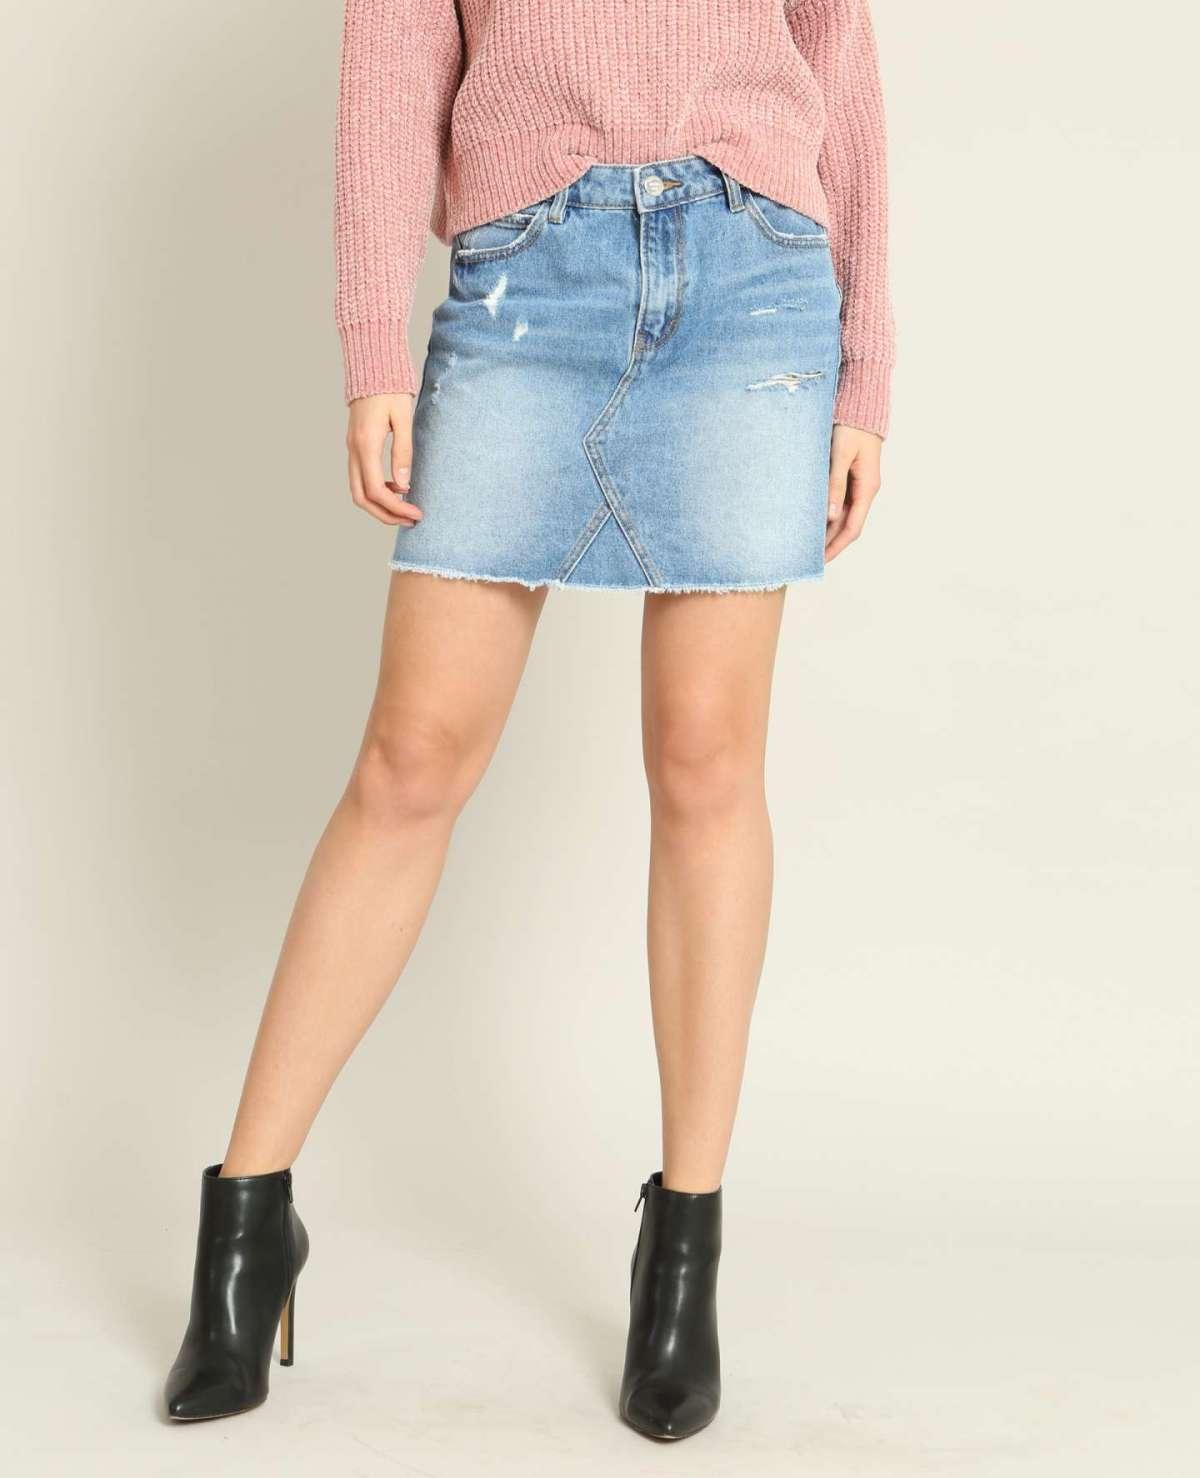 Gonna di jeans corta a 17,99 euro